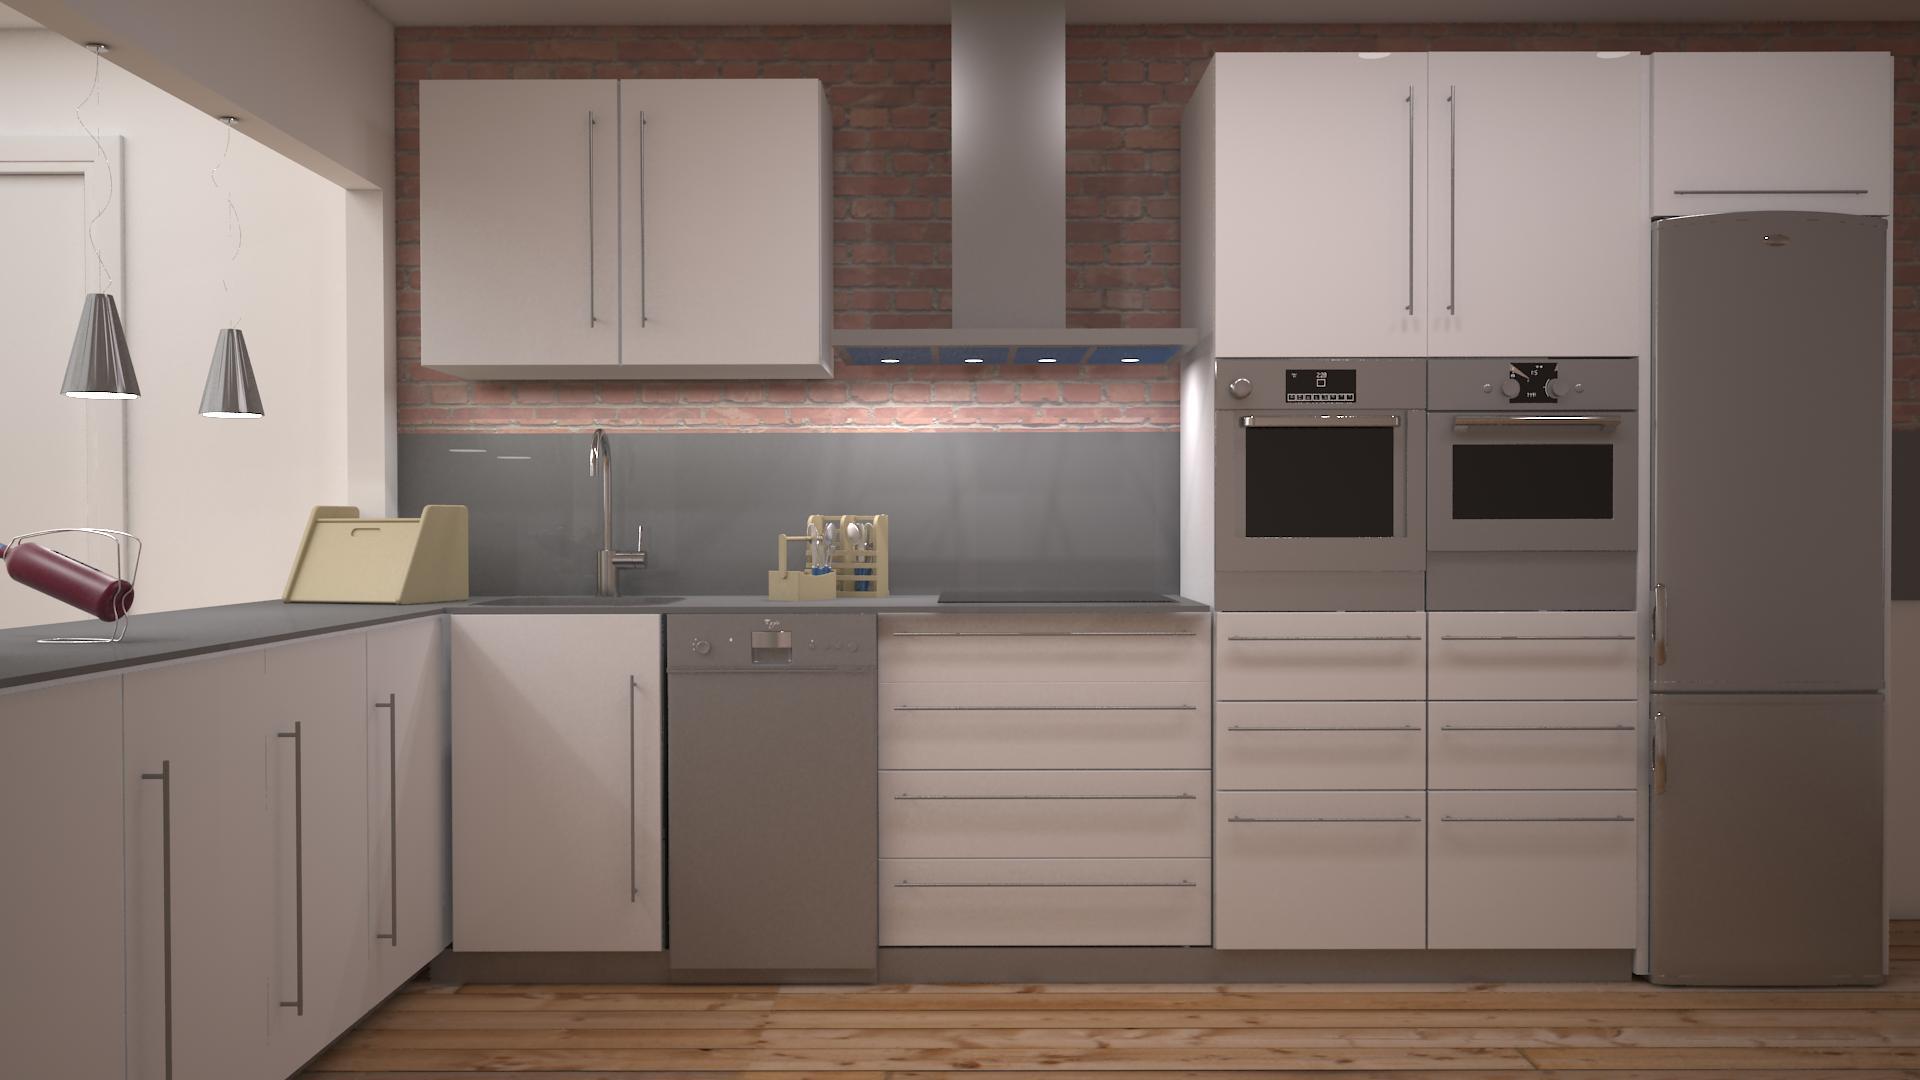 Increíble Modernas Imágenes De Cocina Hd Friso - Ideas de Decoración ...